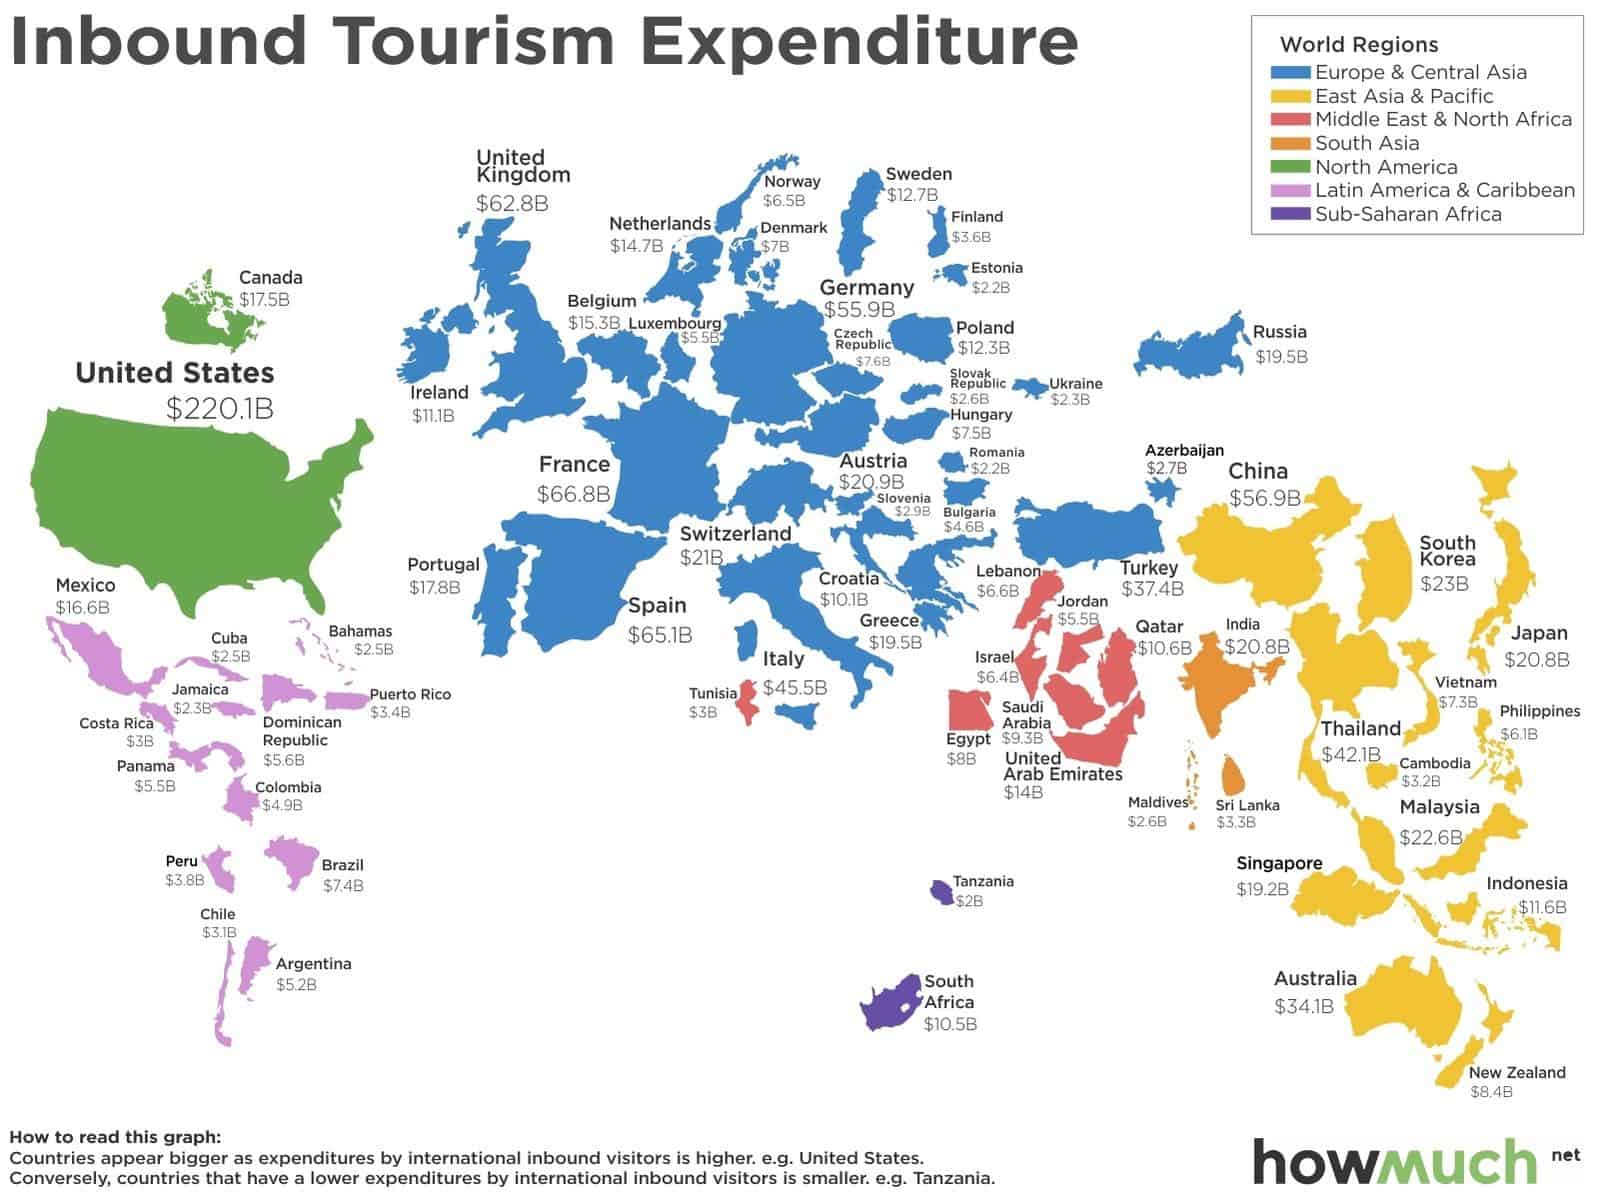 ¿Cuánto dinero gastan los turistas en cada país?